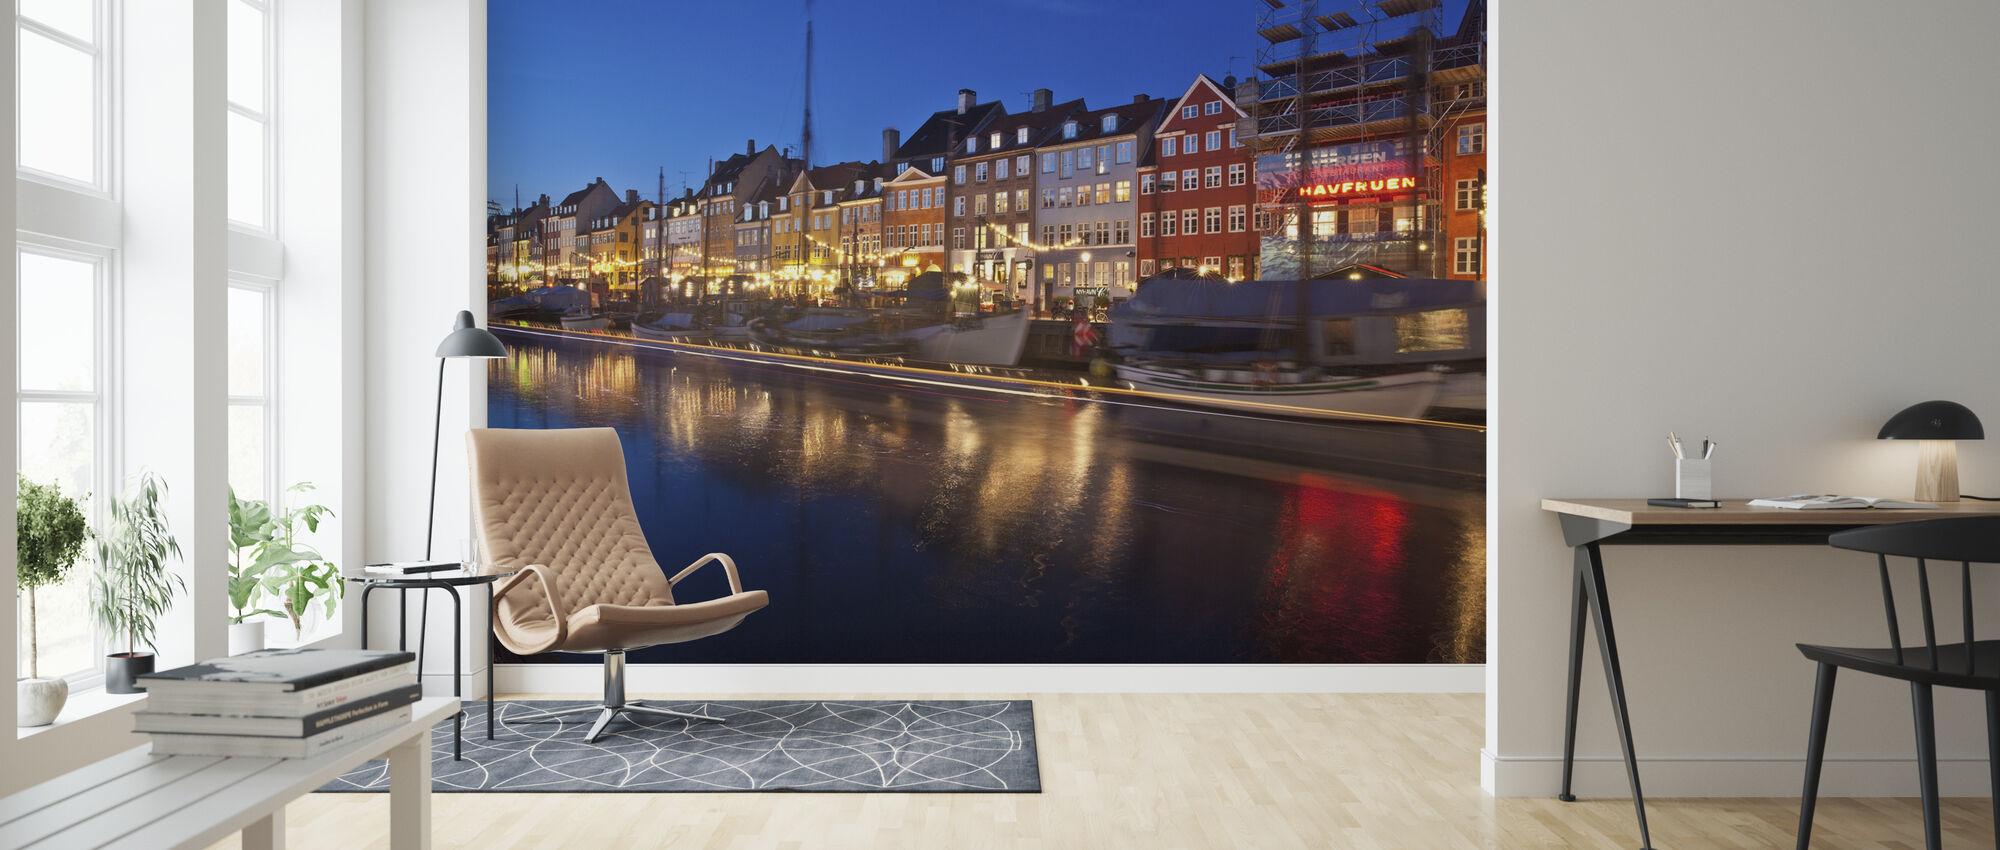 Nat i Nyhavn, København, Danmark - Tapet - Stue